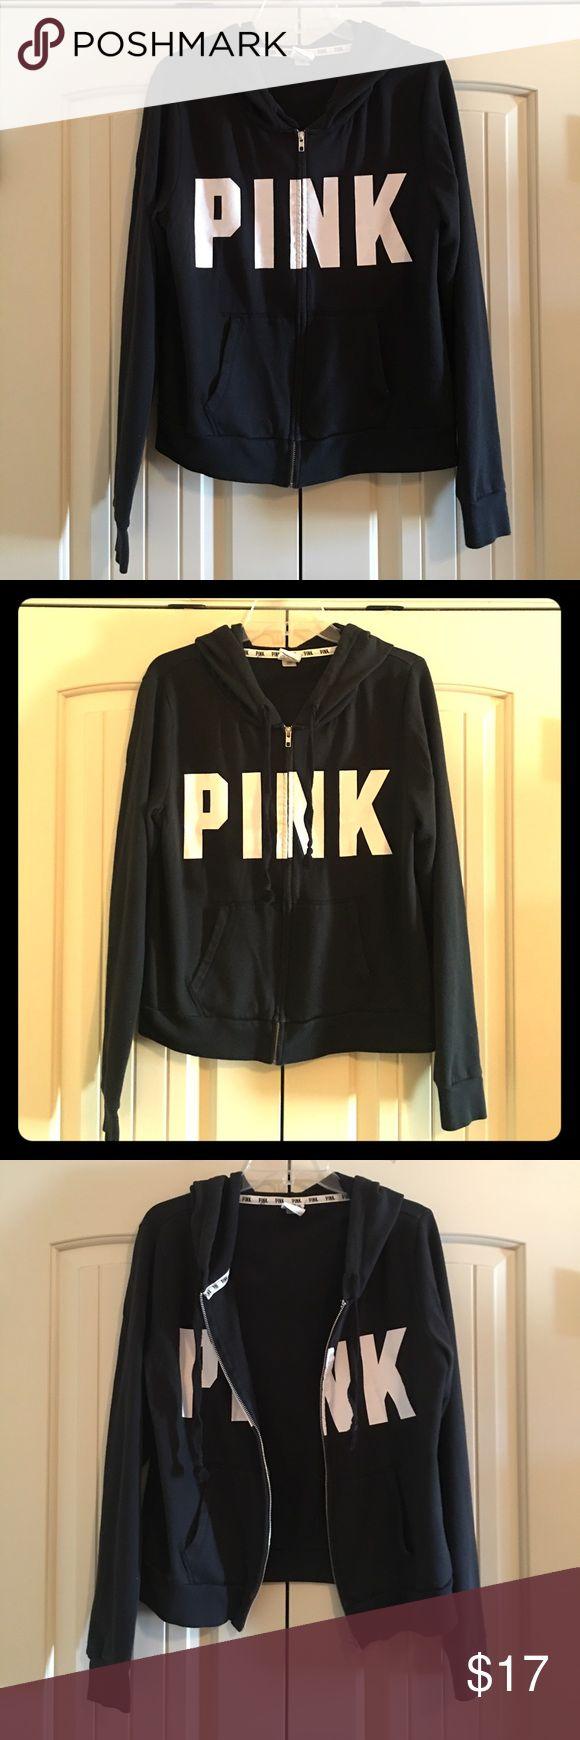 PINK Victoria's Secret zip up hoodie sweatshirt PINK Victoria's Secret black zip up hoodie sweatshirt. EUC! Size Large. PINK Victoria's Secret Tops Sweatshirts & Hoodies